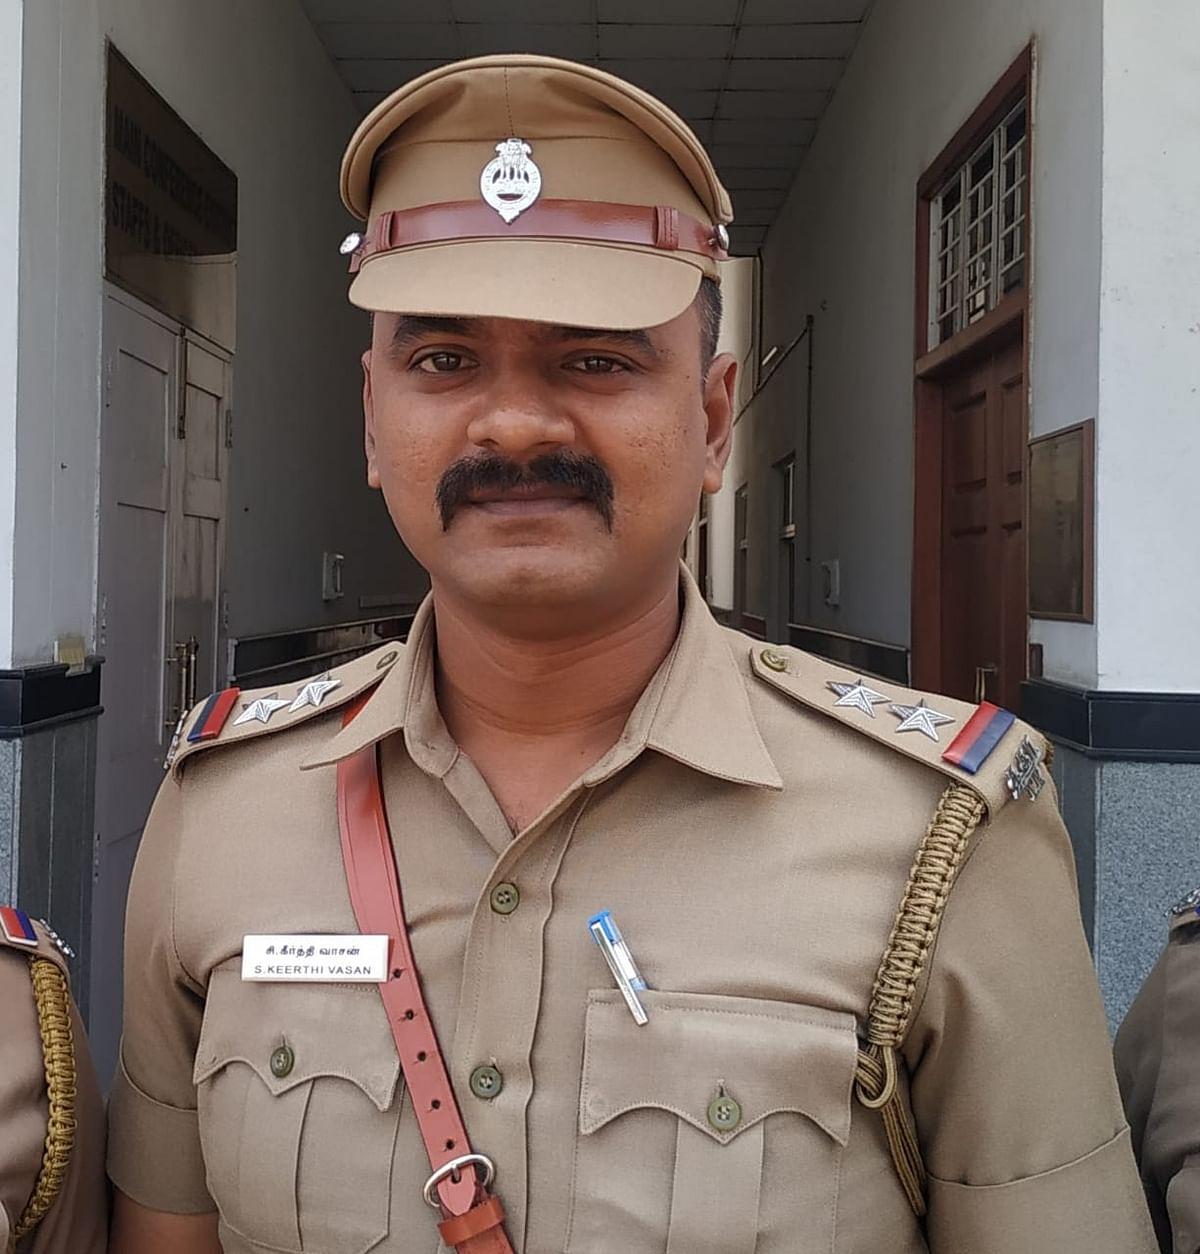 போலீஸ் எஸ்.ஐ கீர்த்தி வாசன்